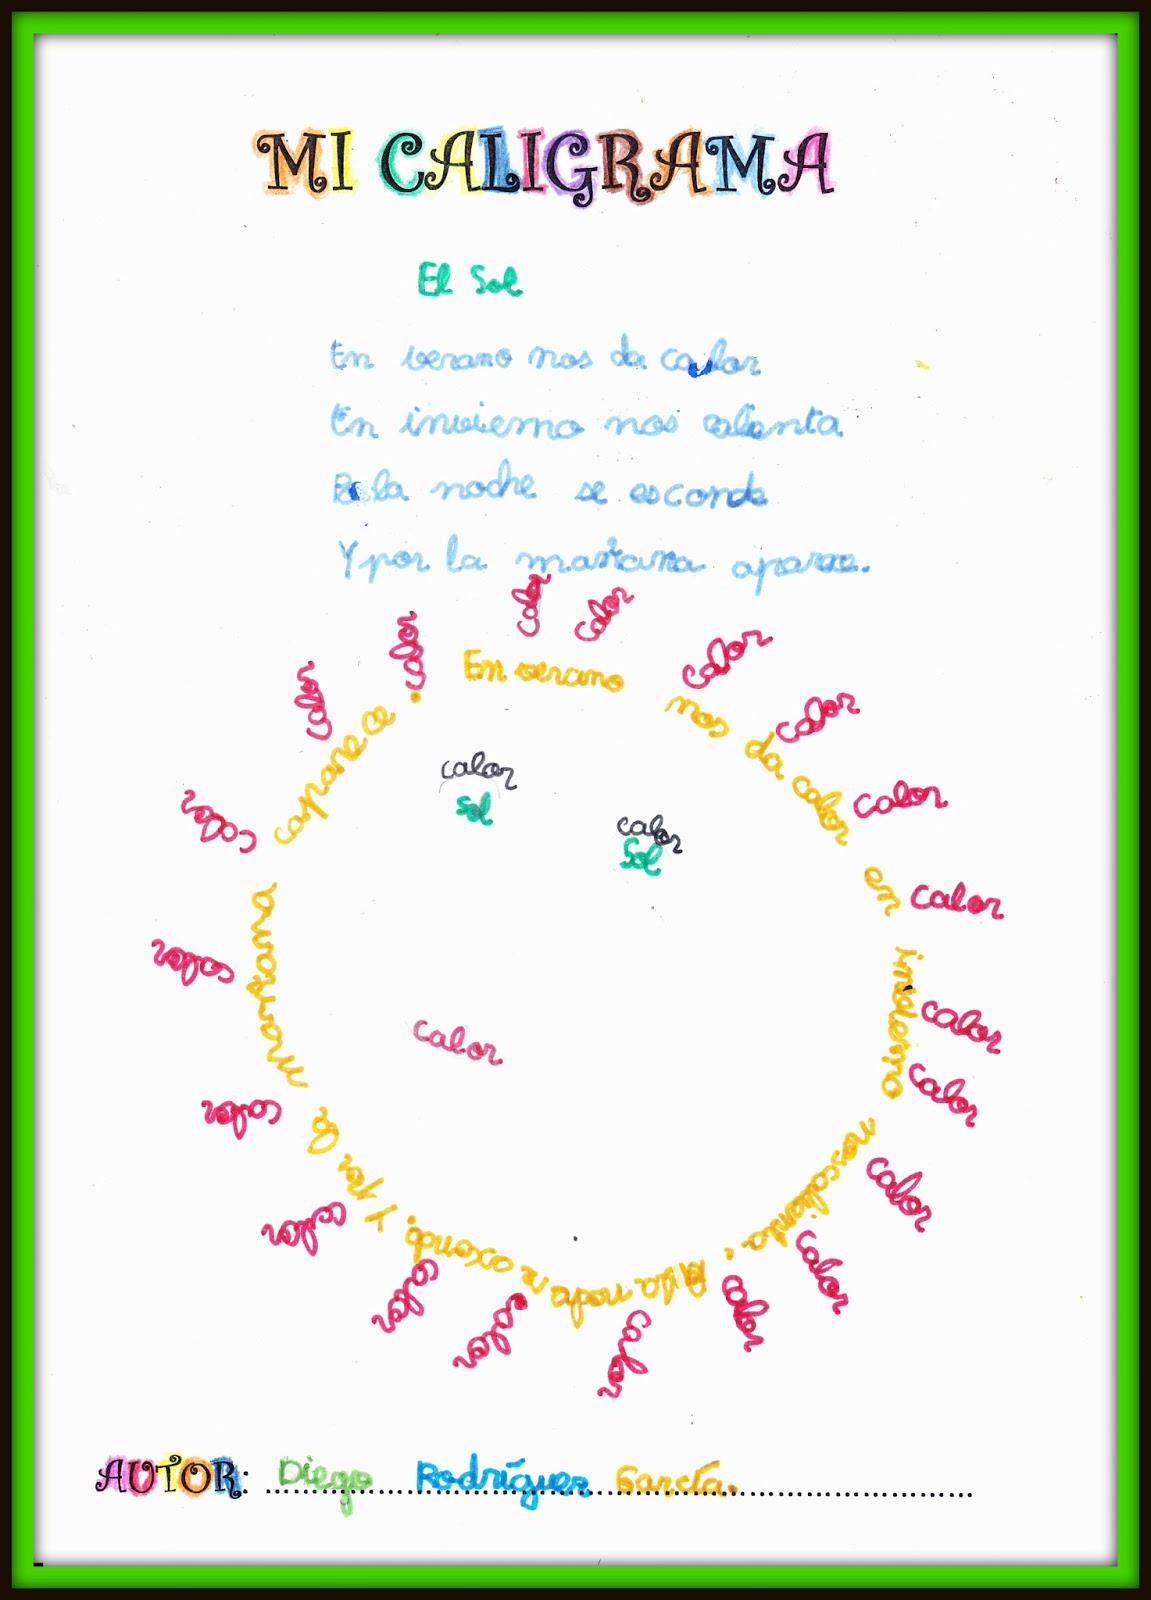 Poemas Cortos En Ingles Para Ninos